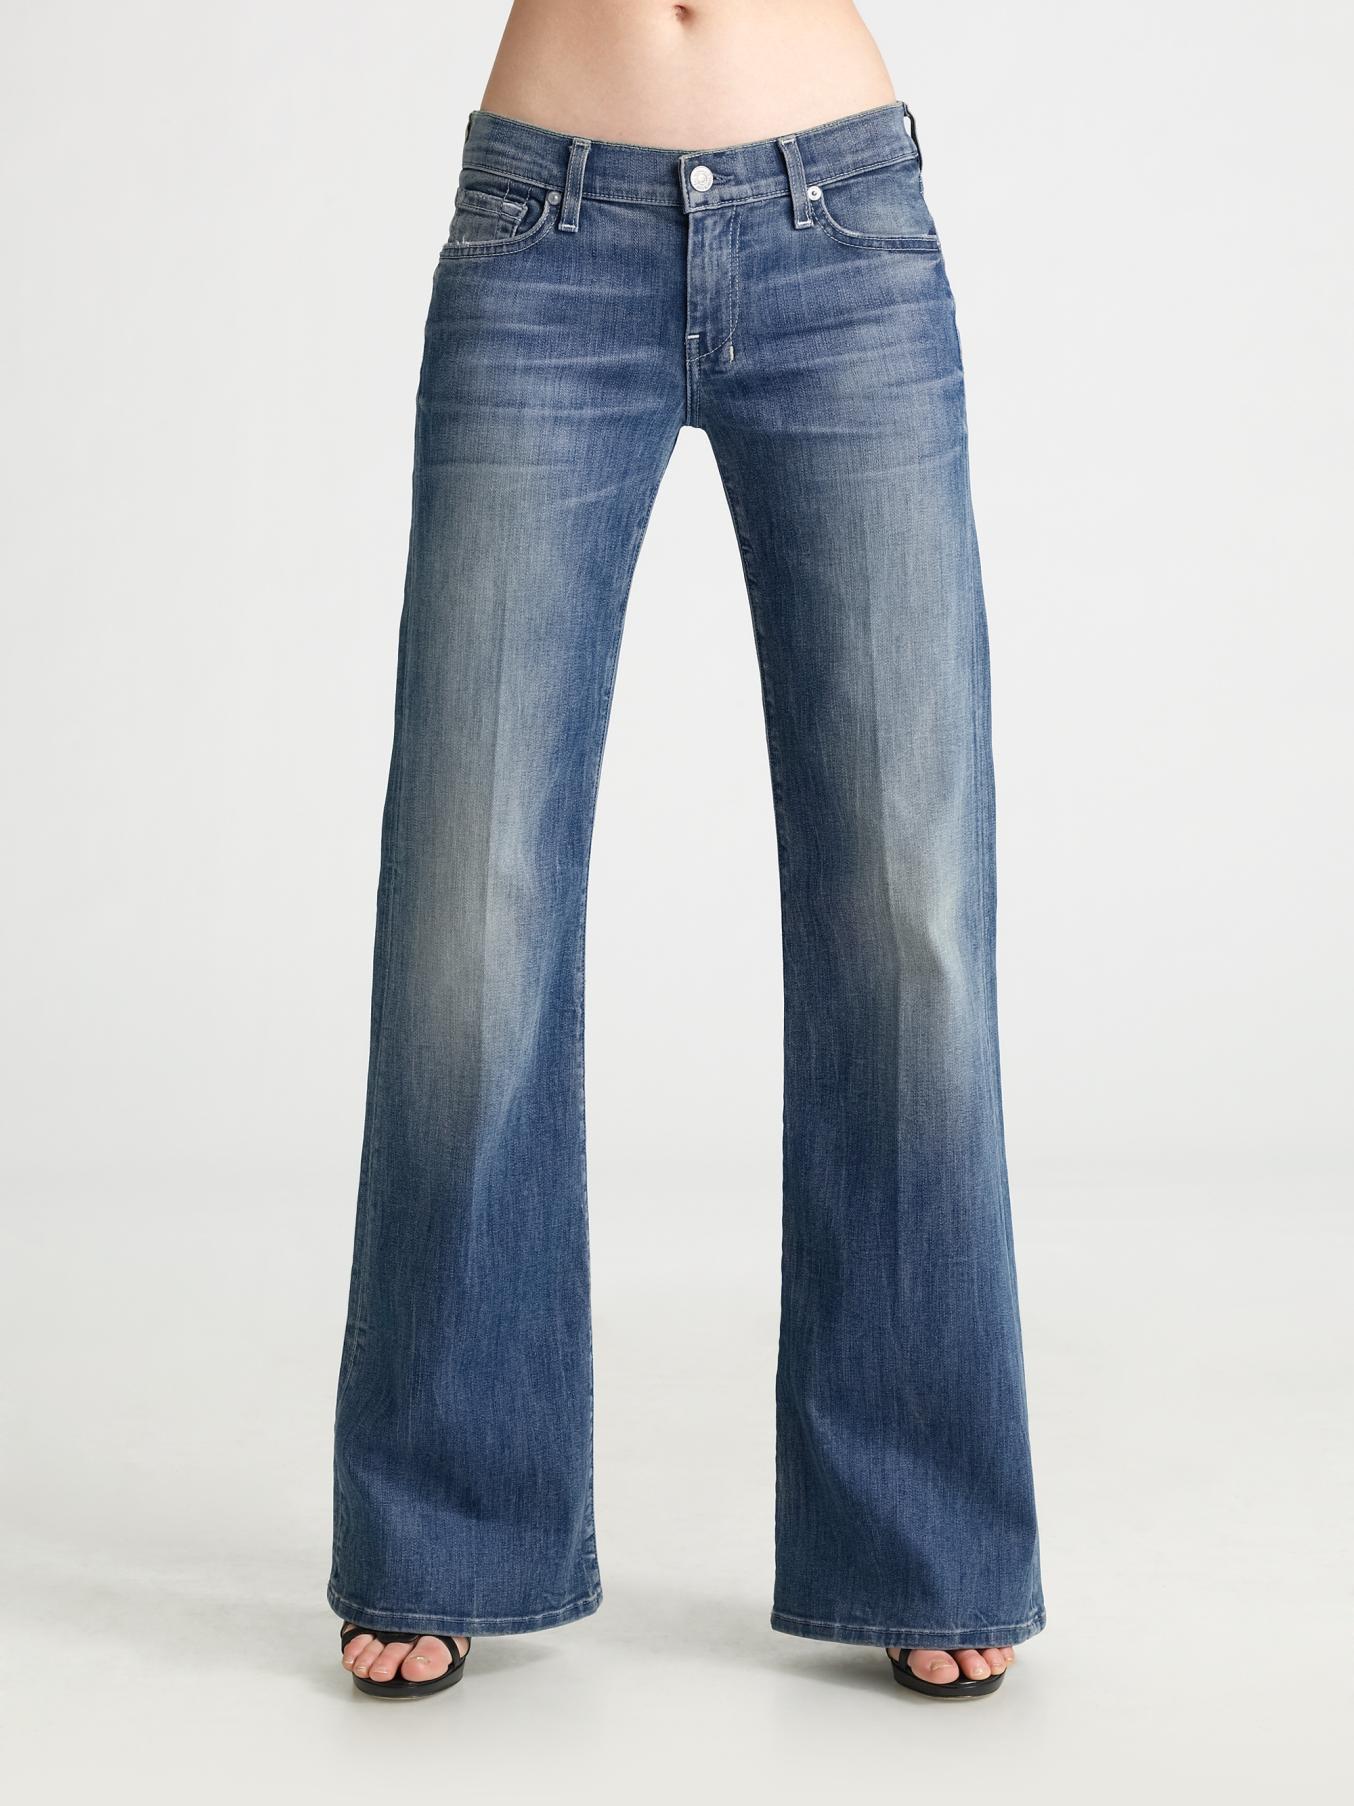 7 for all mankind Dojo Trouser Jeans in Blue | Lyst